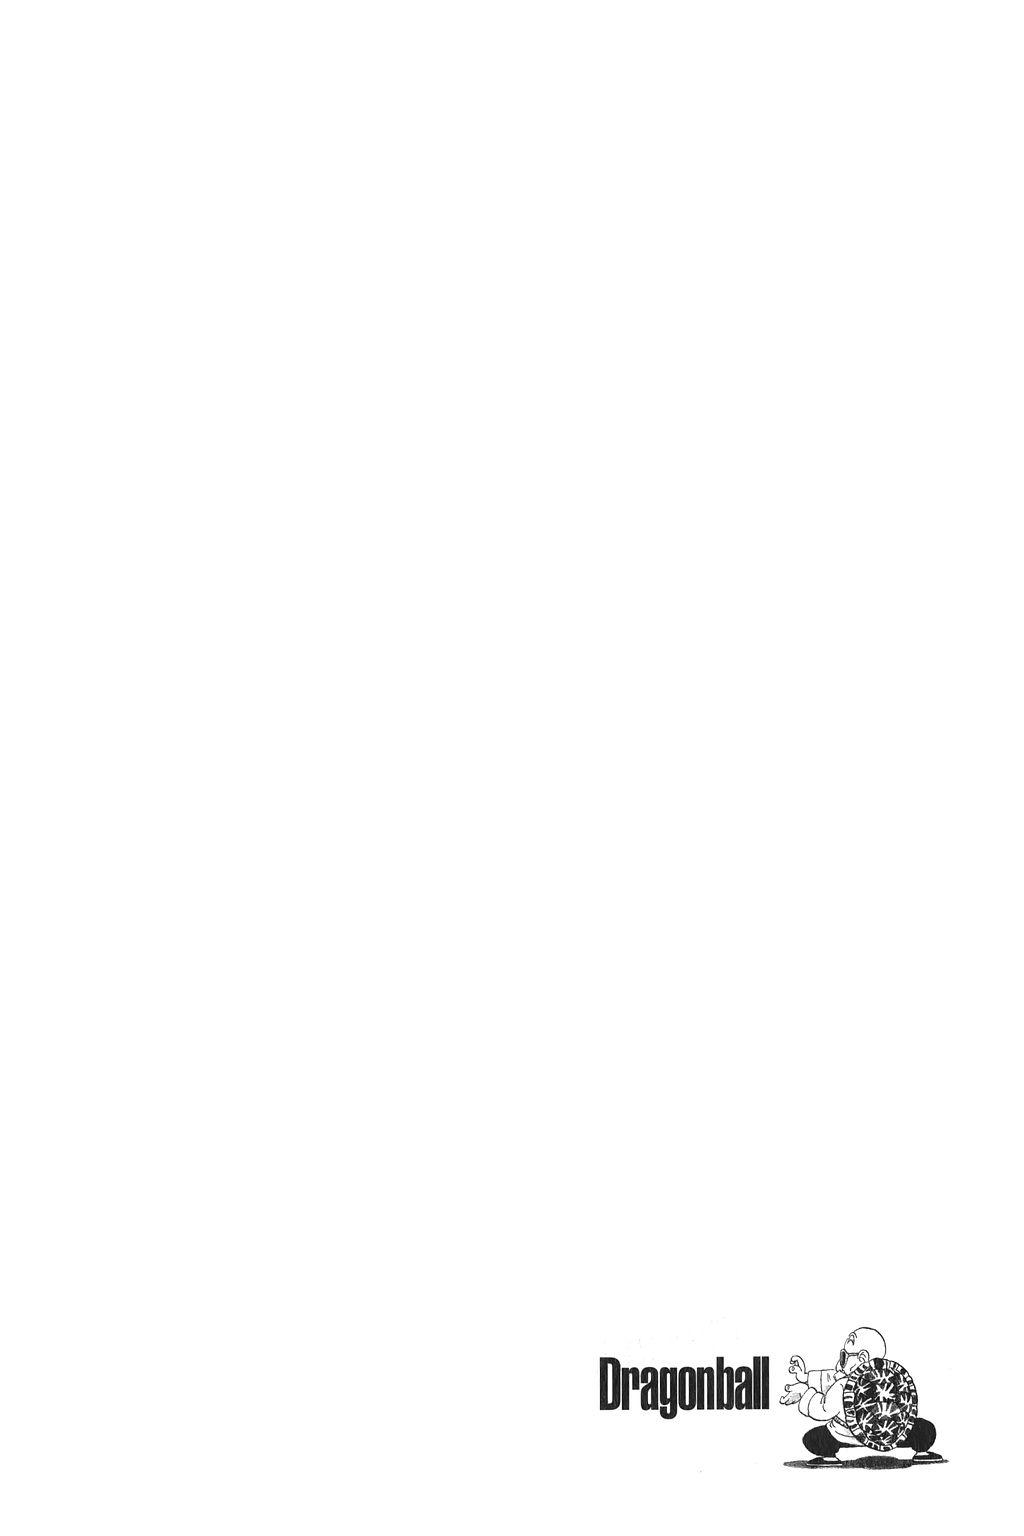 xem truyen moi - Dragon Ball Bản Vip - Bản Đẹp Nguyên Gốc Chap 404